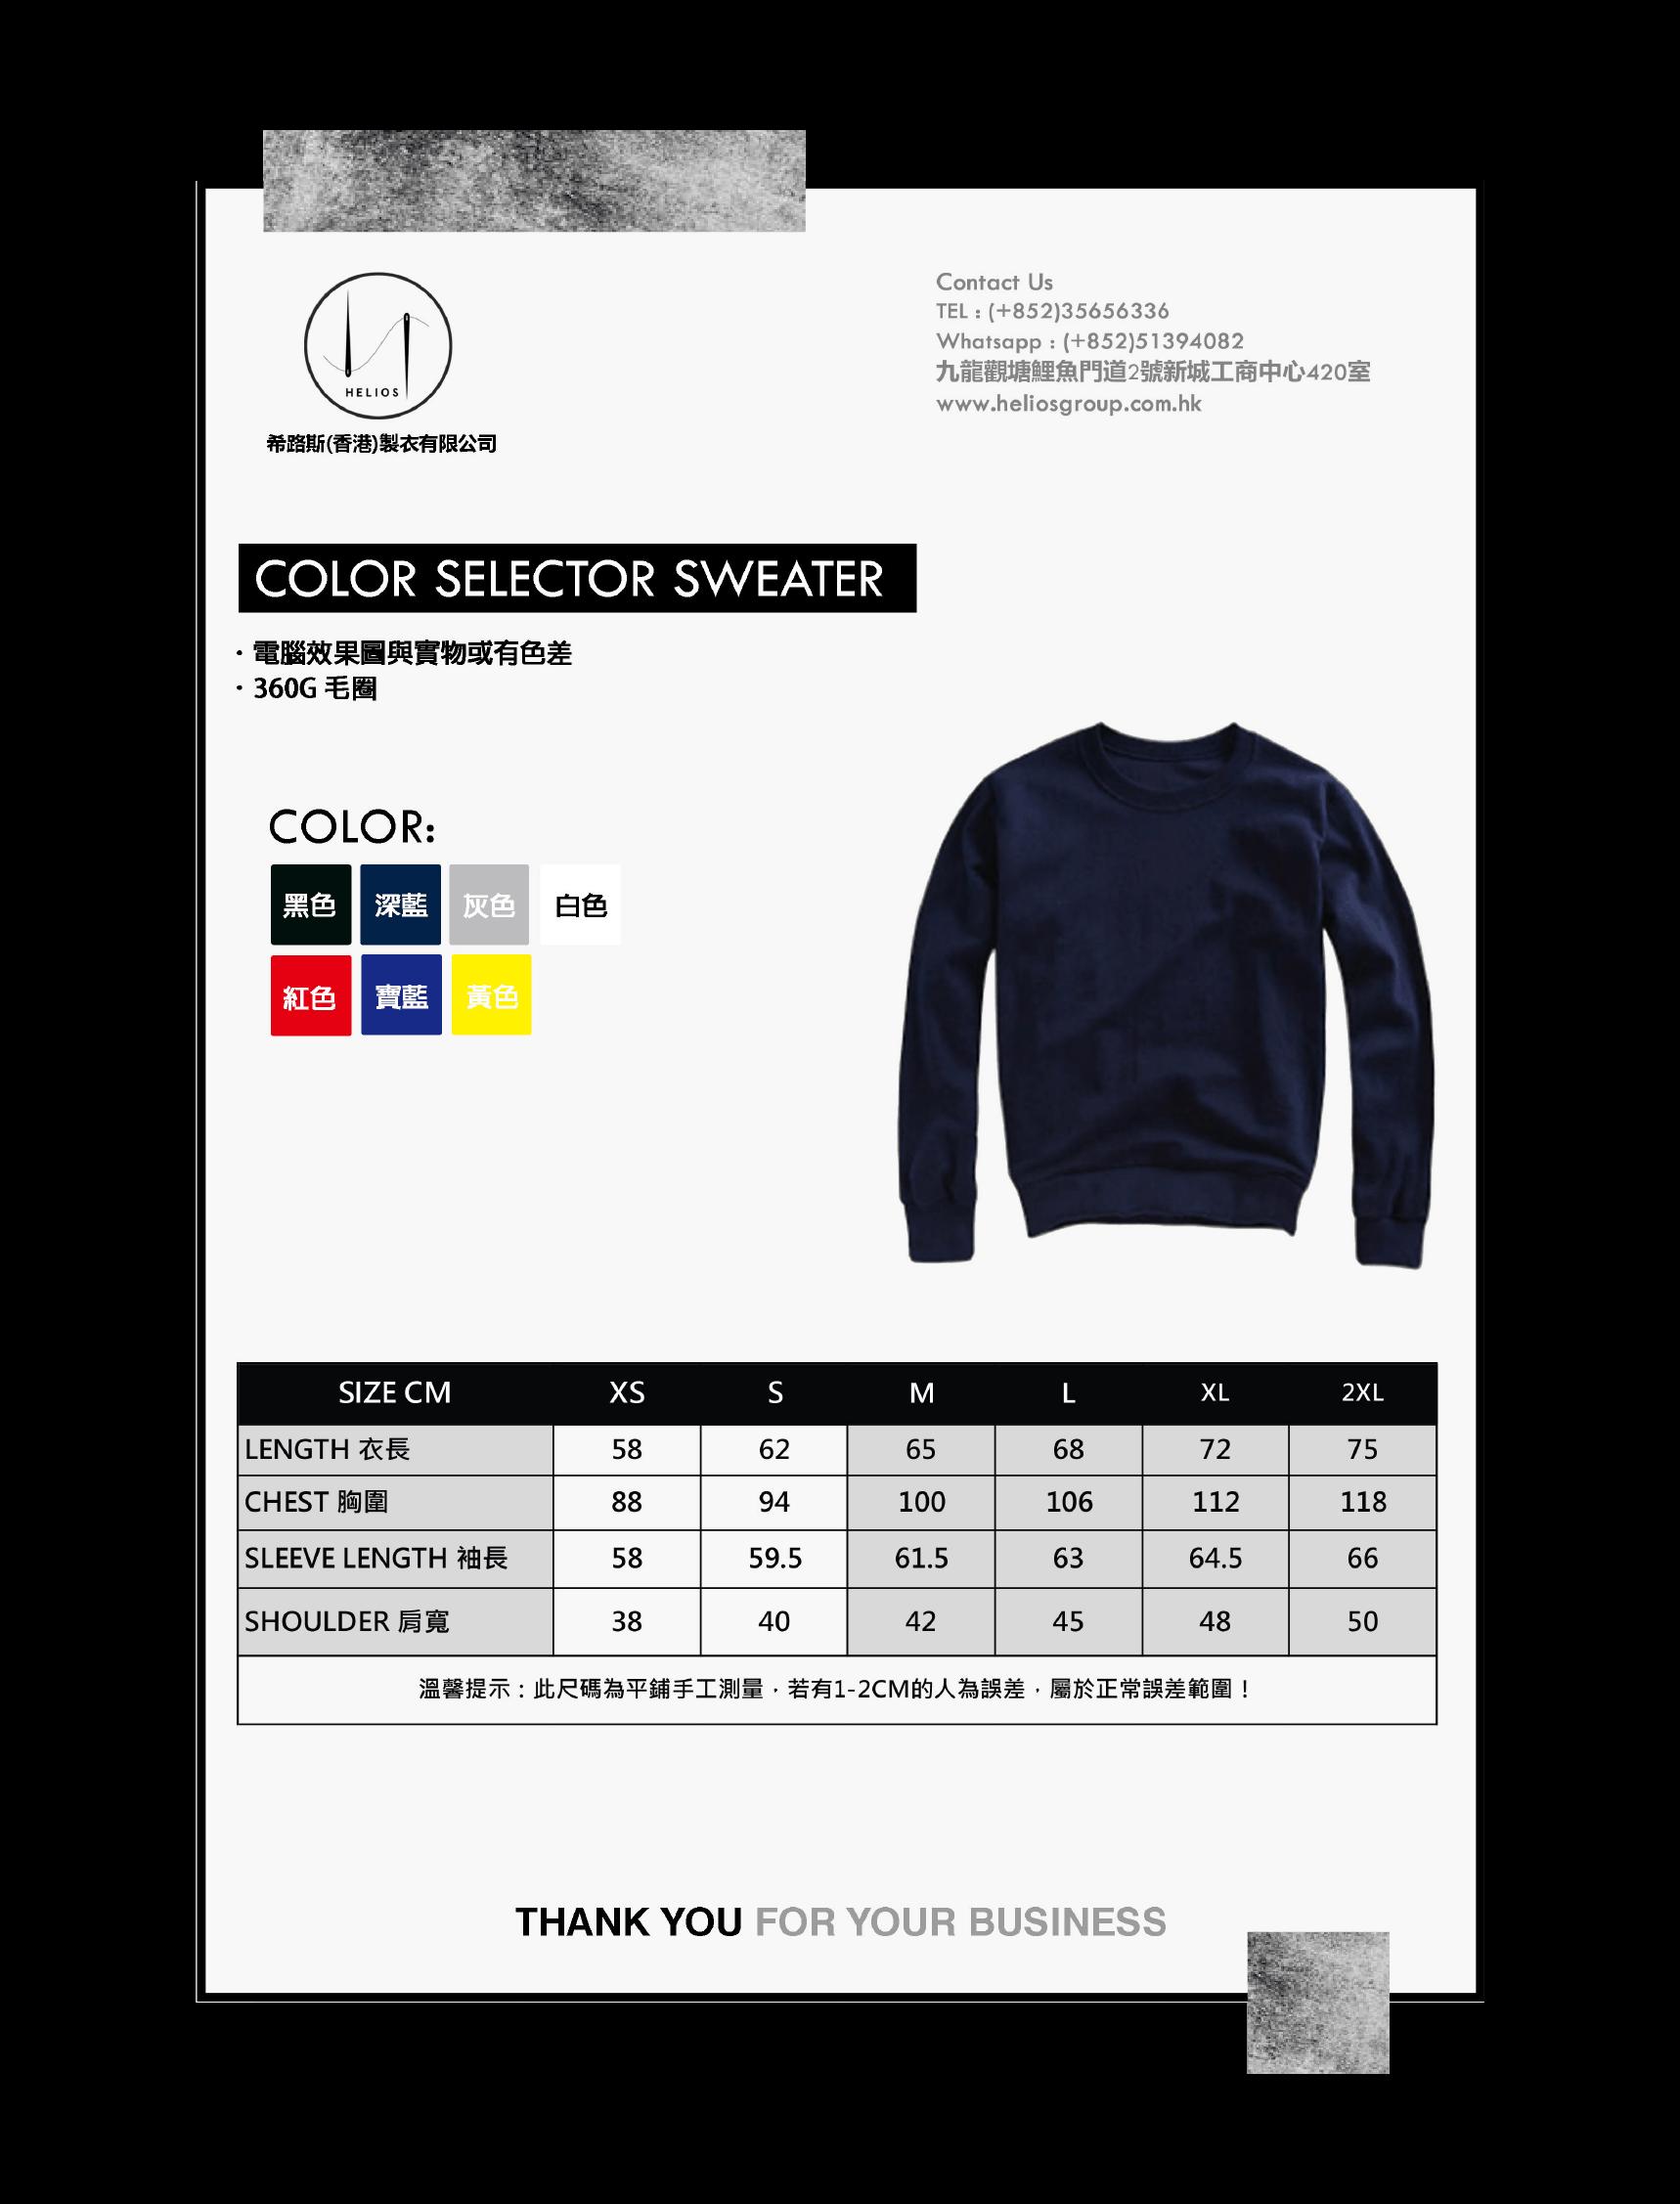 成衣 360G sweater 尺碼表